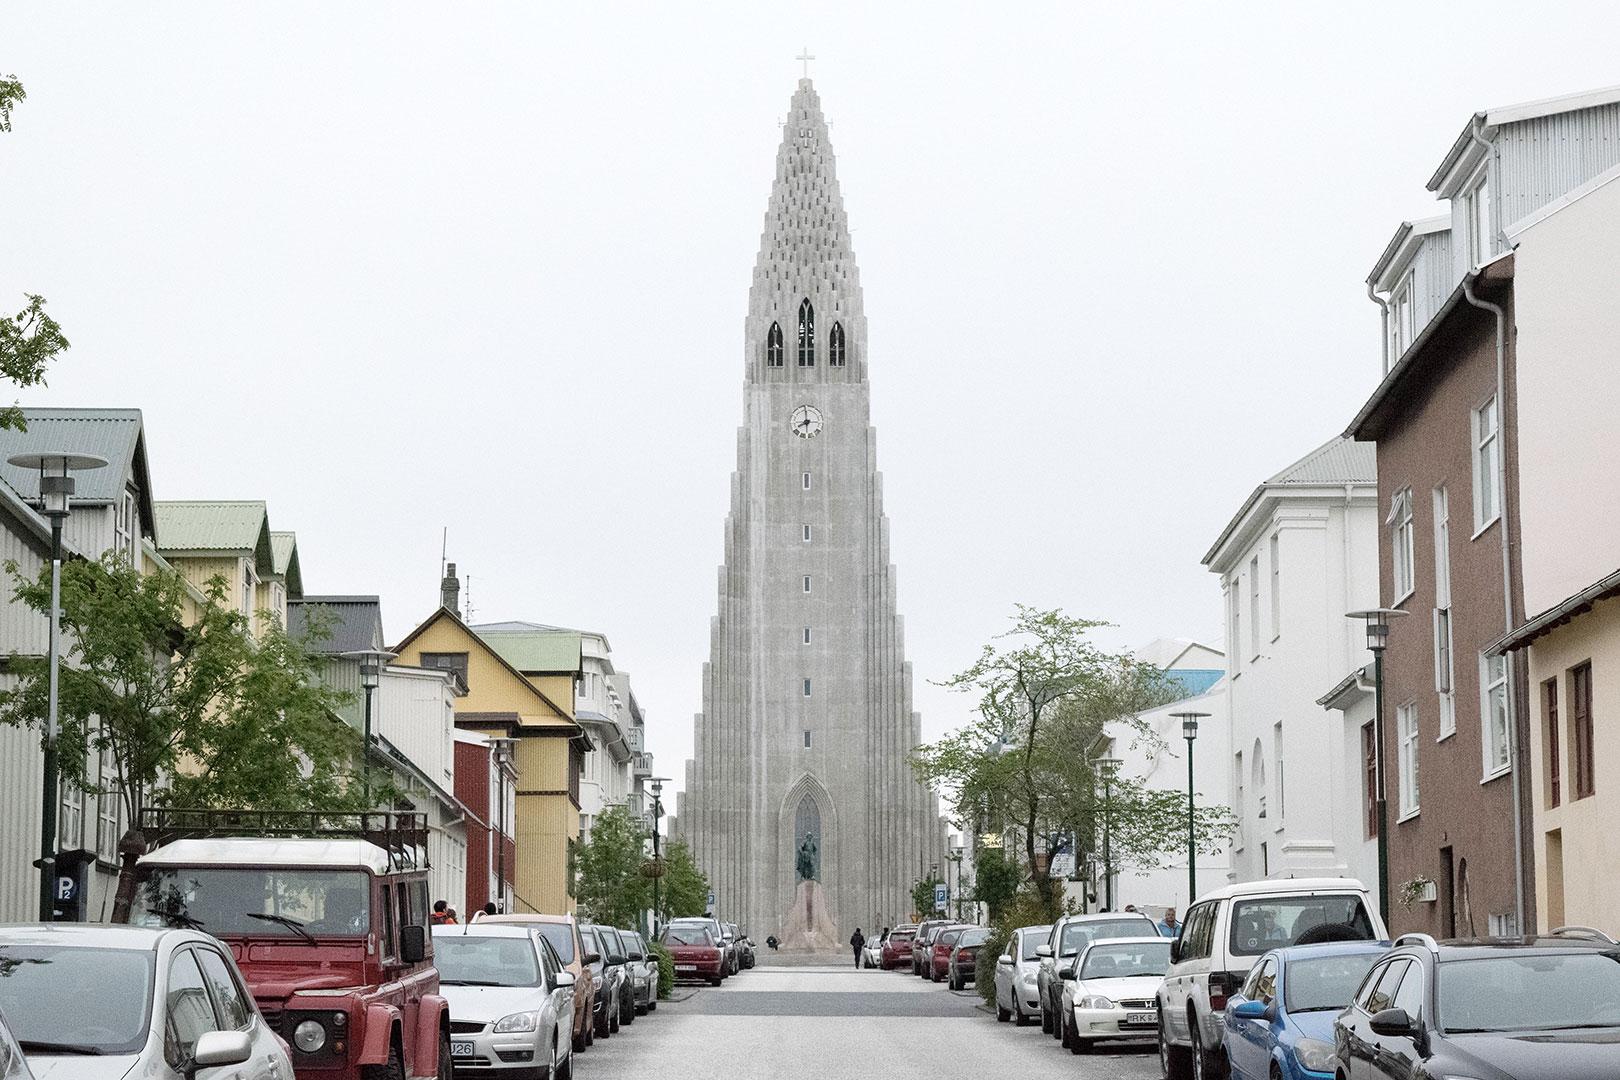 A view of Hallgrímskirkja